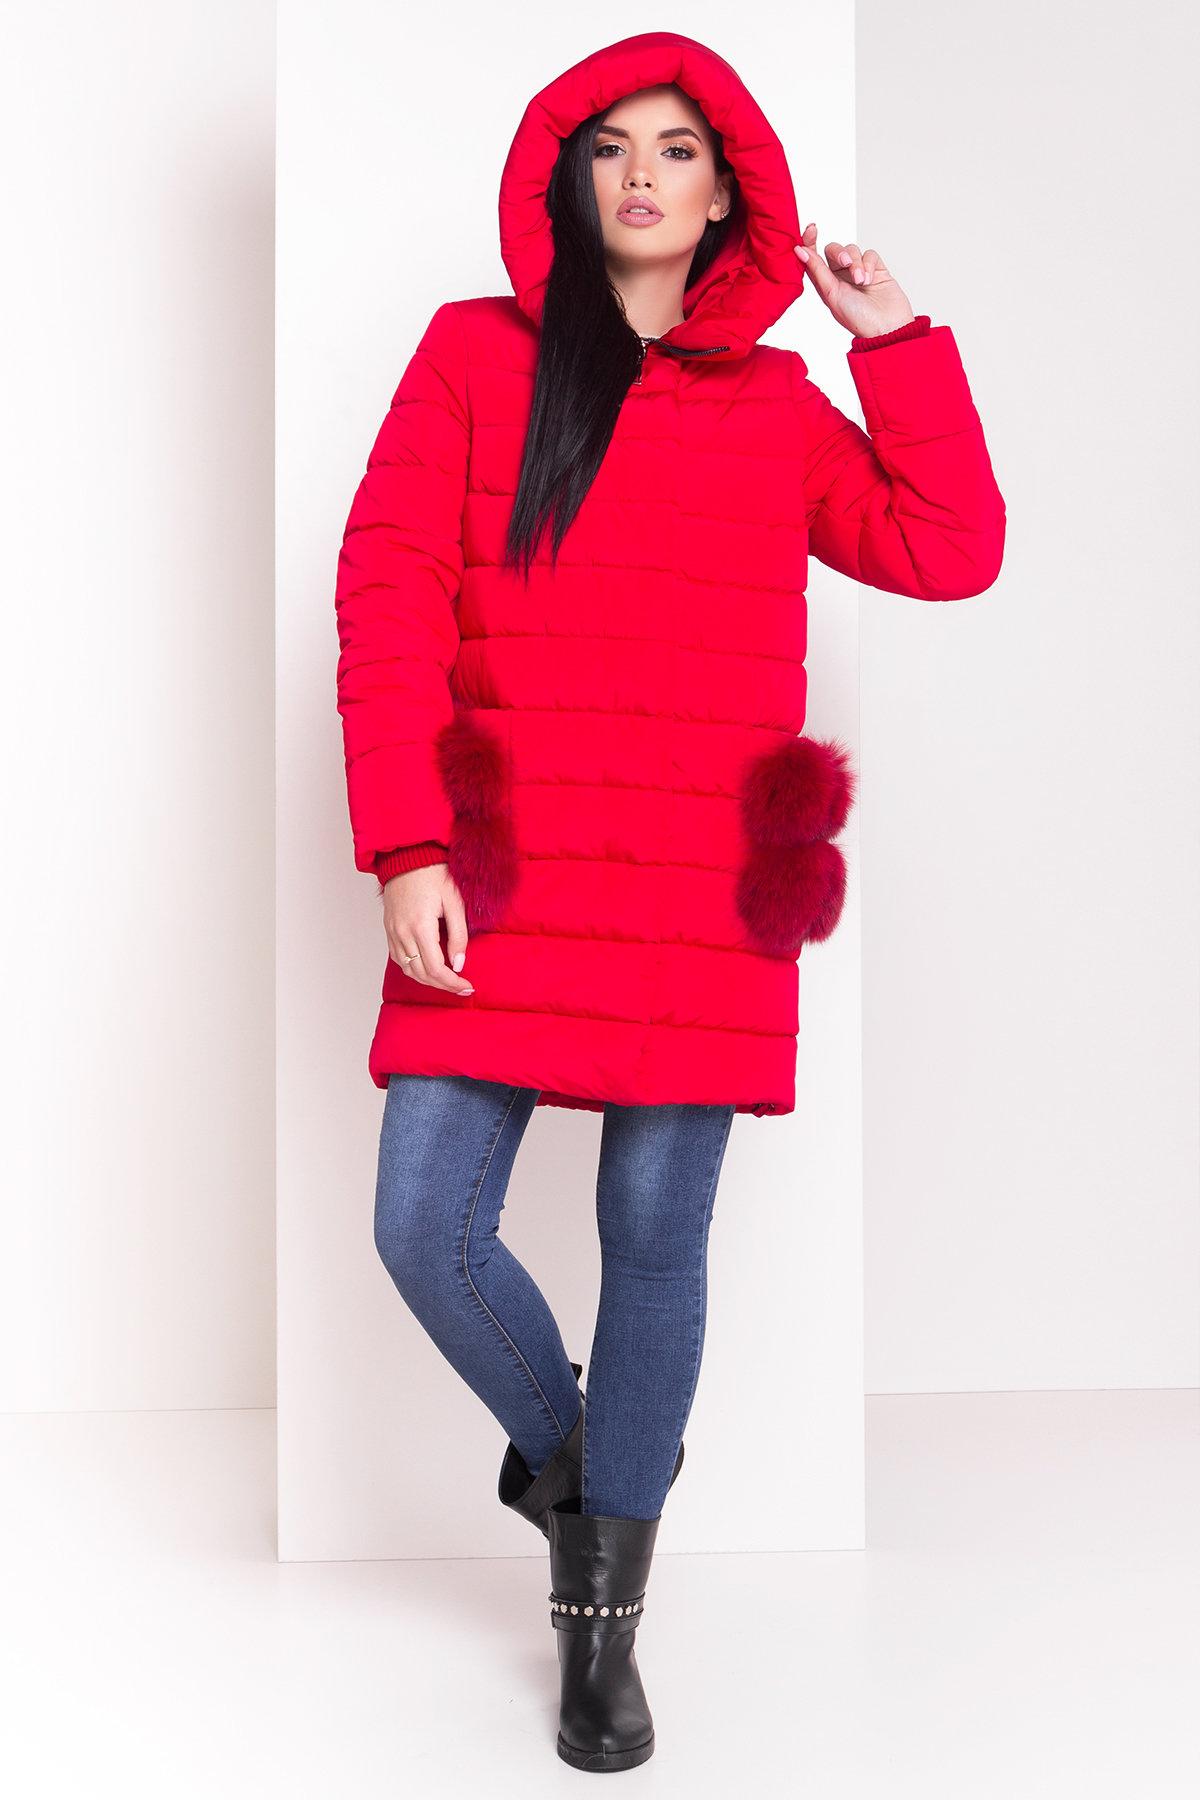 Пуховик с меховыми карманами Лили 3523 АРТ. 19110 Цвет: Красный - фото 3, интернет магазин tm-modus.ru